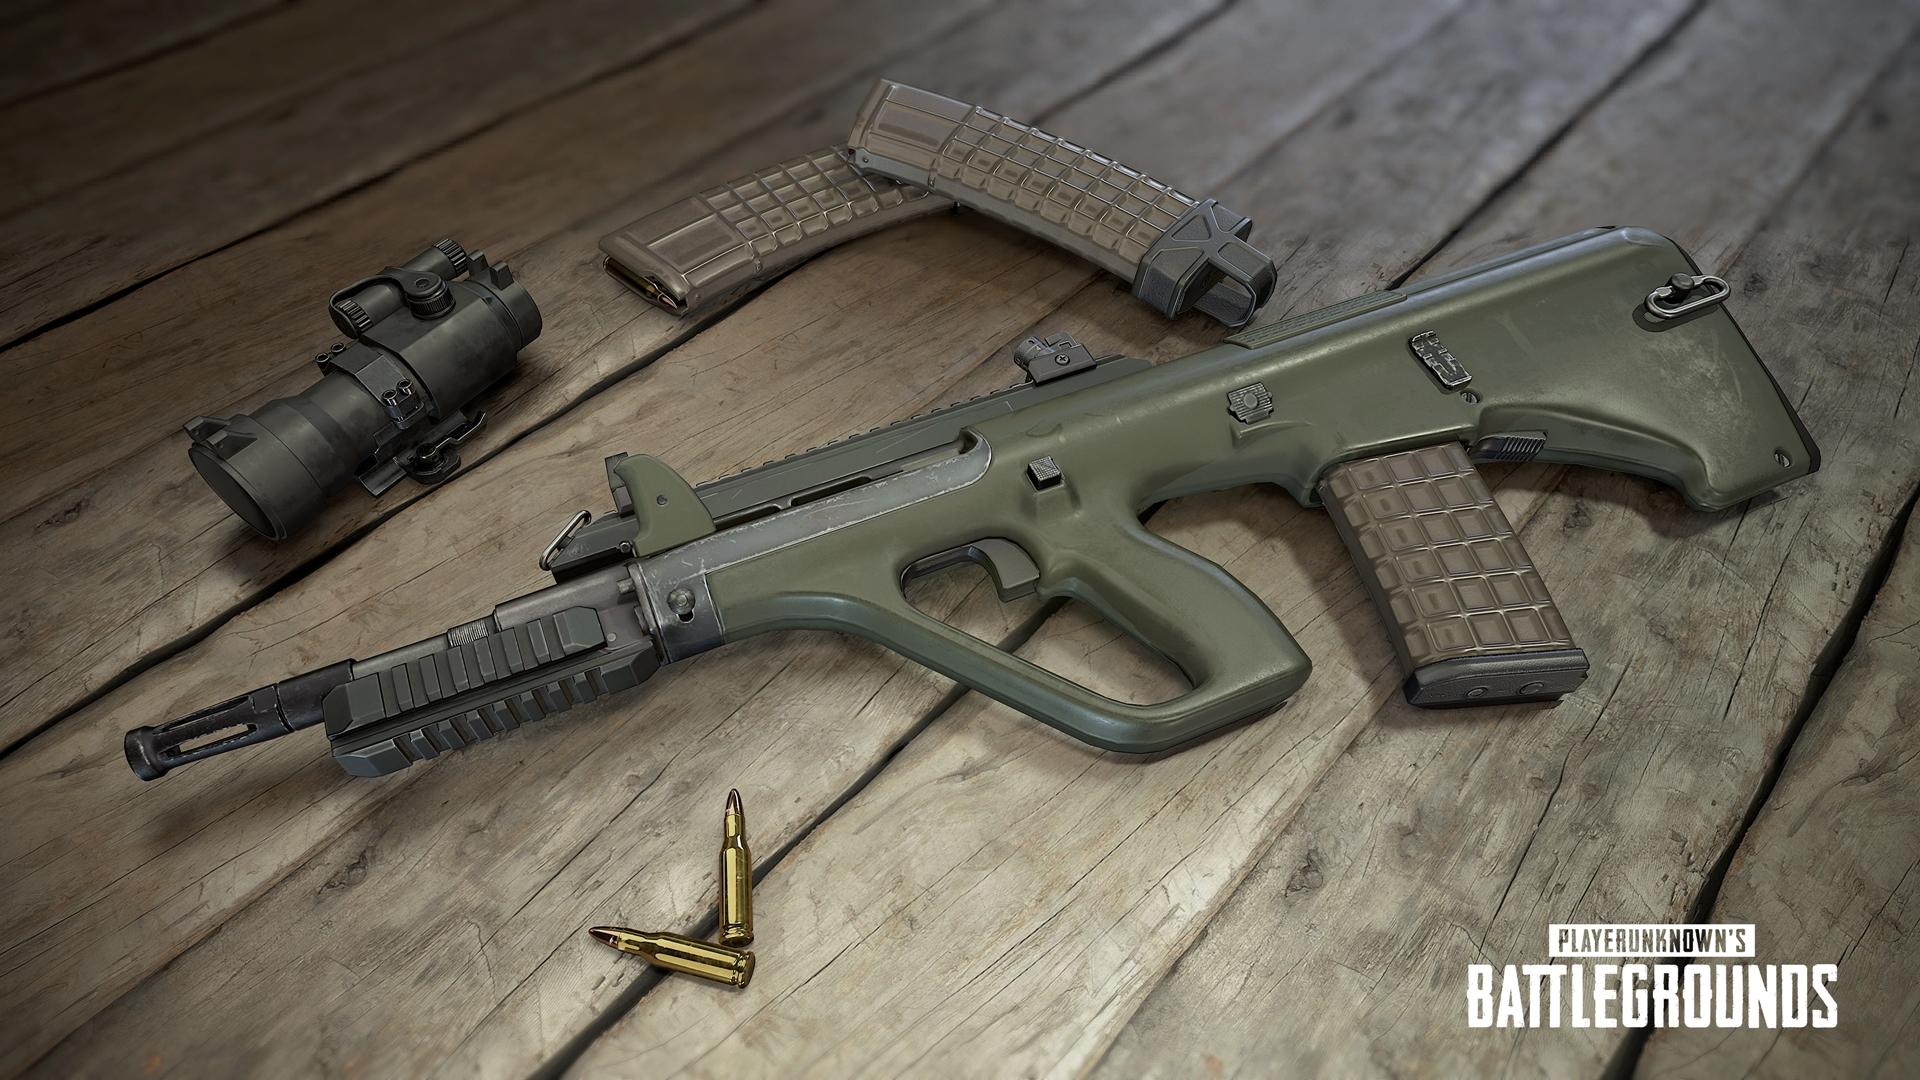 PlayerUnknown's Battlegrounds - PlayerUnknown's Battlegrounds Арт, Оружие